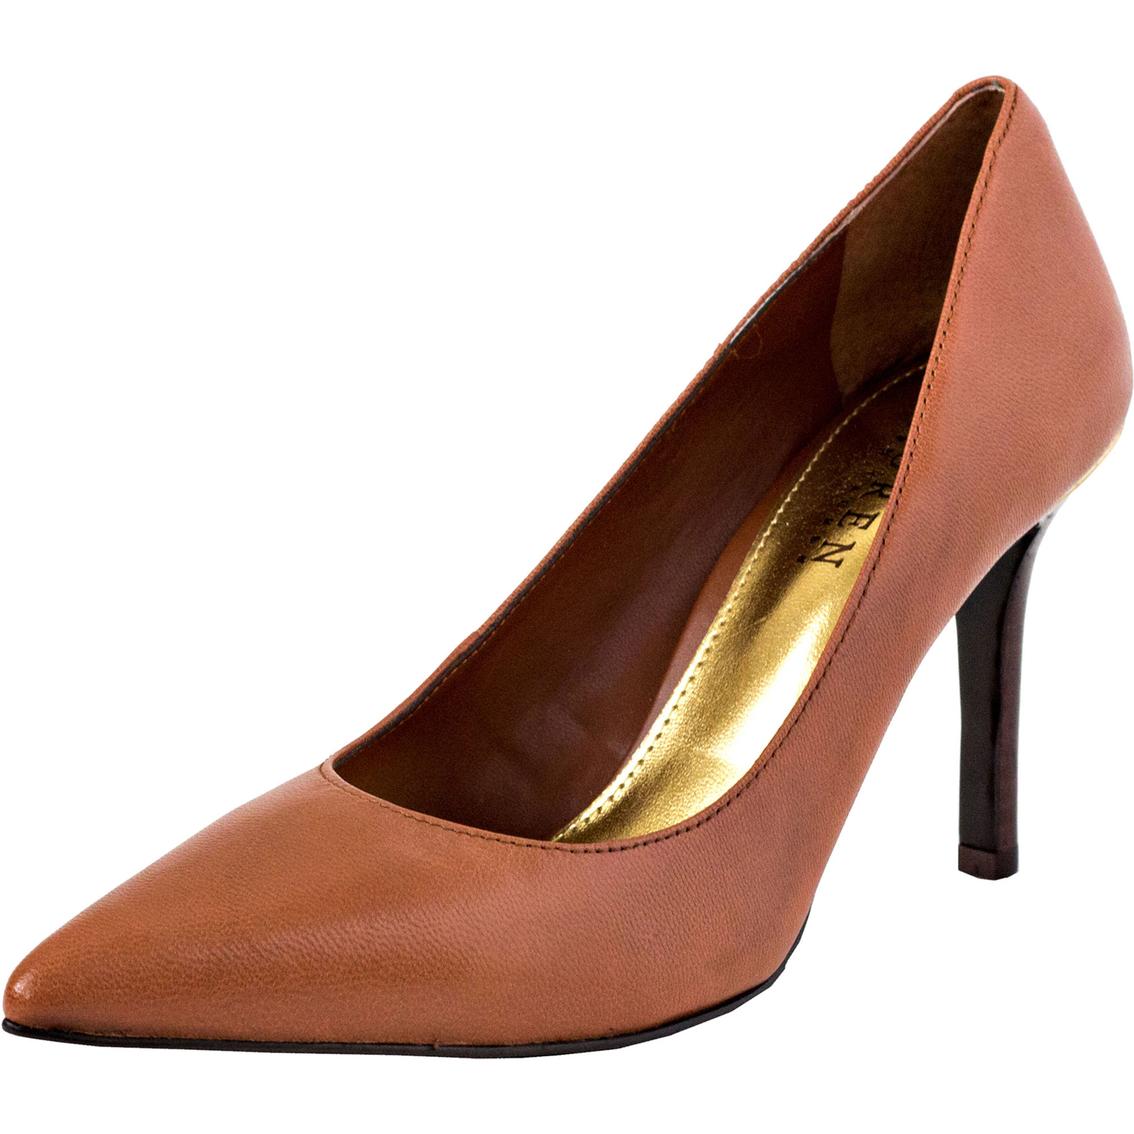 7b7e4275c31 Lauren Ralph Lauren Sarina High Heel Pumps